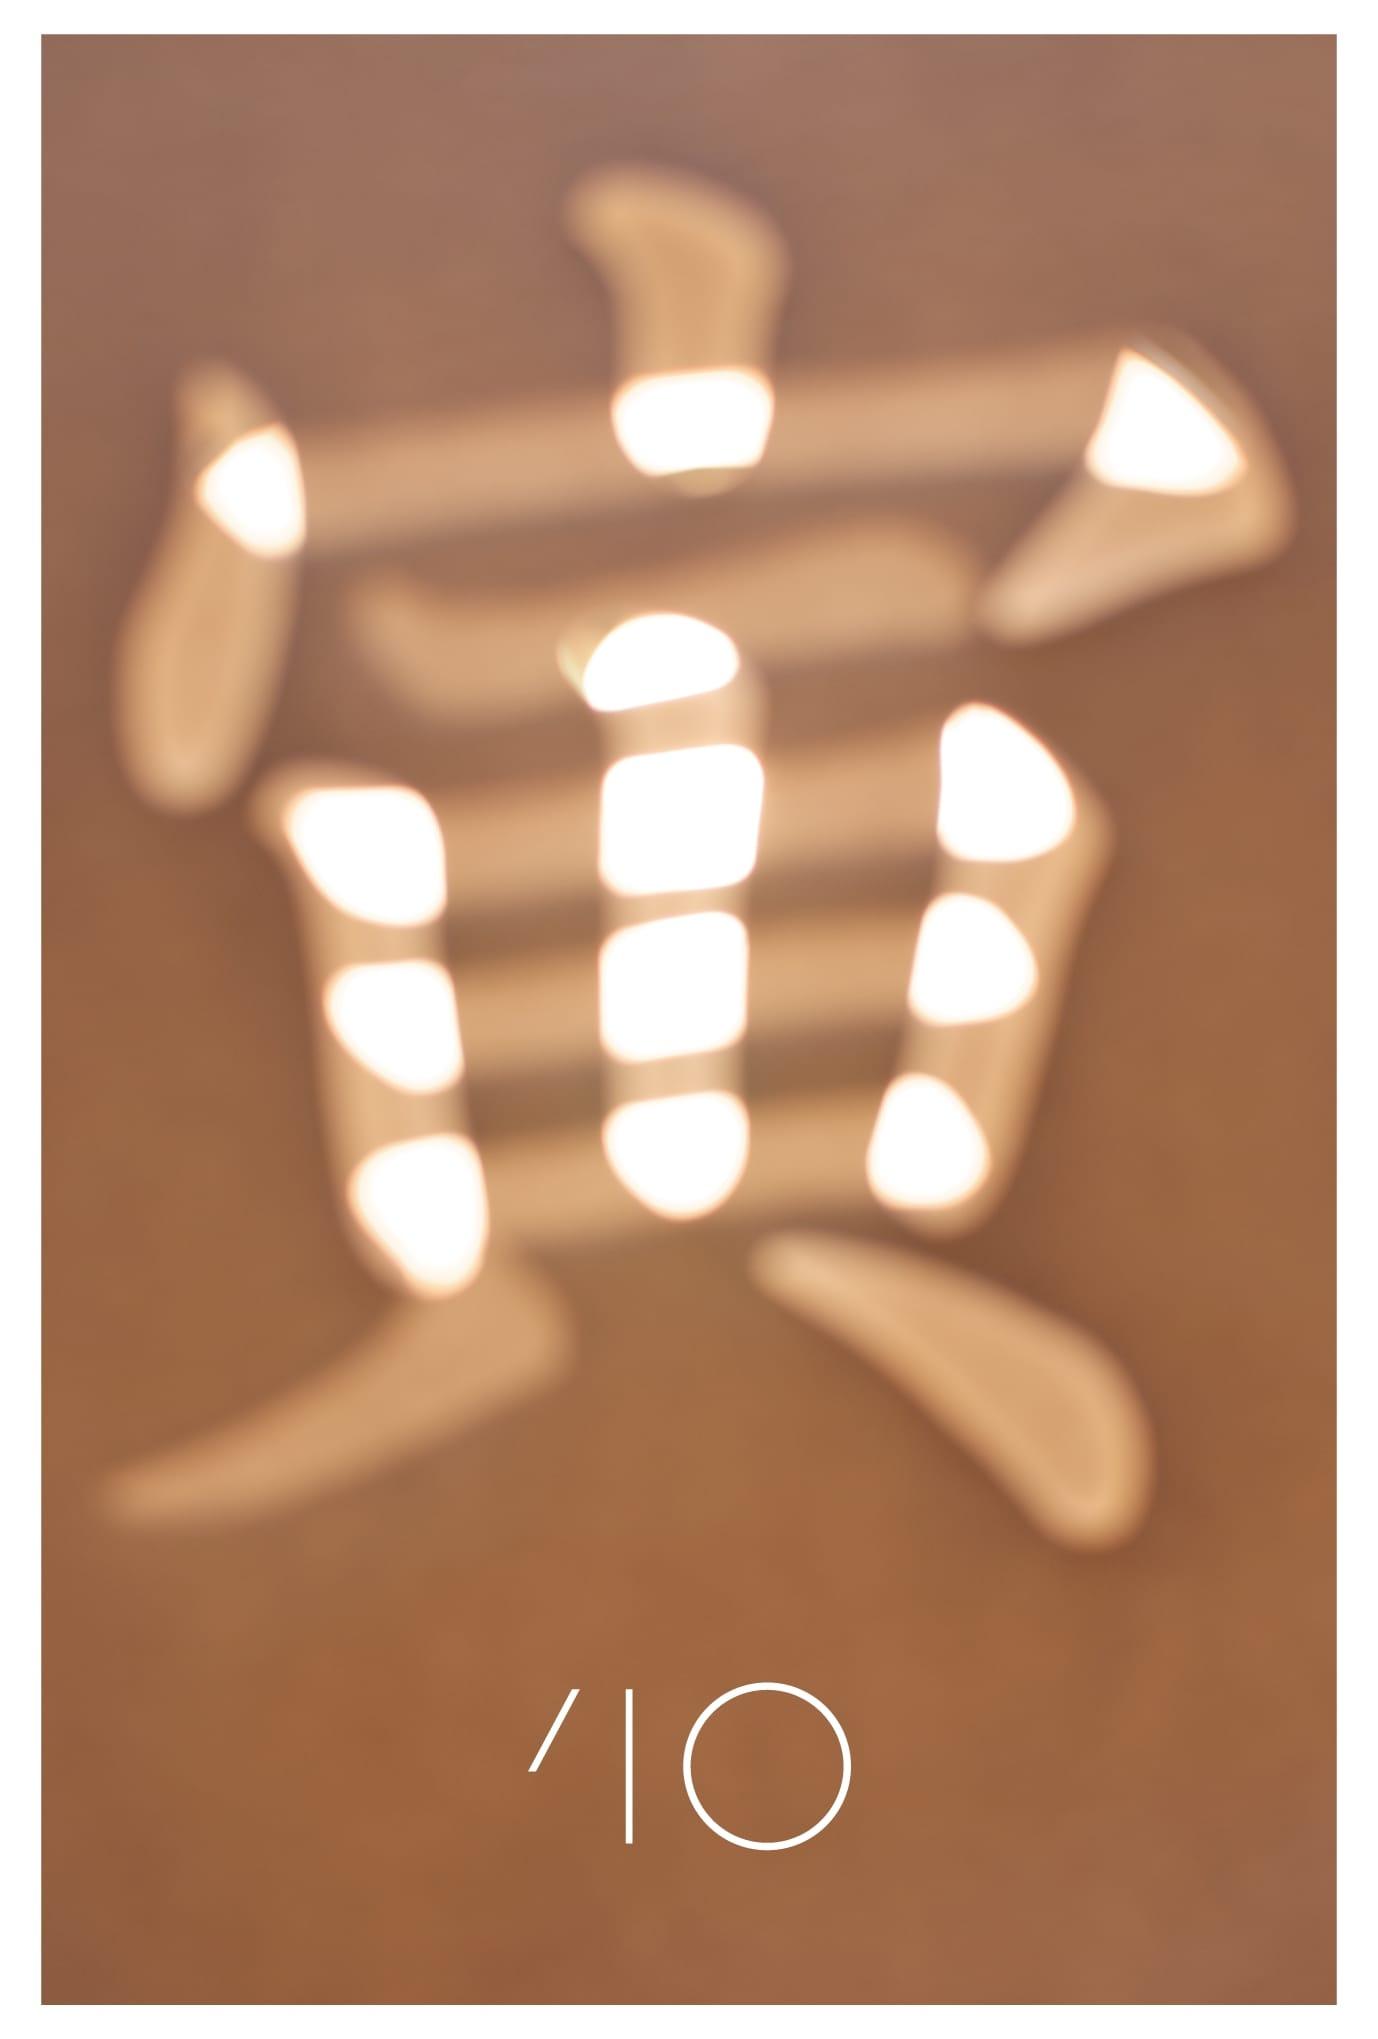 2010年賀状32:寅 Gleamのダウンロード画像